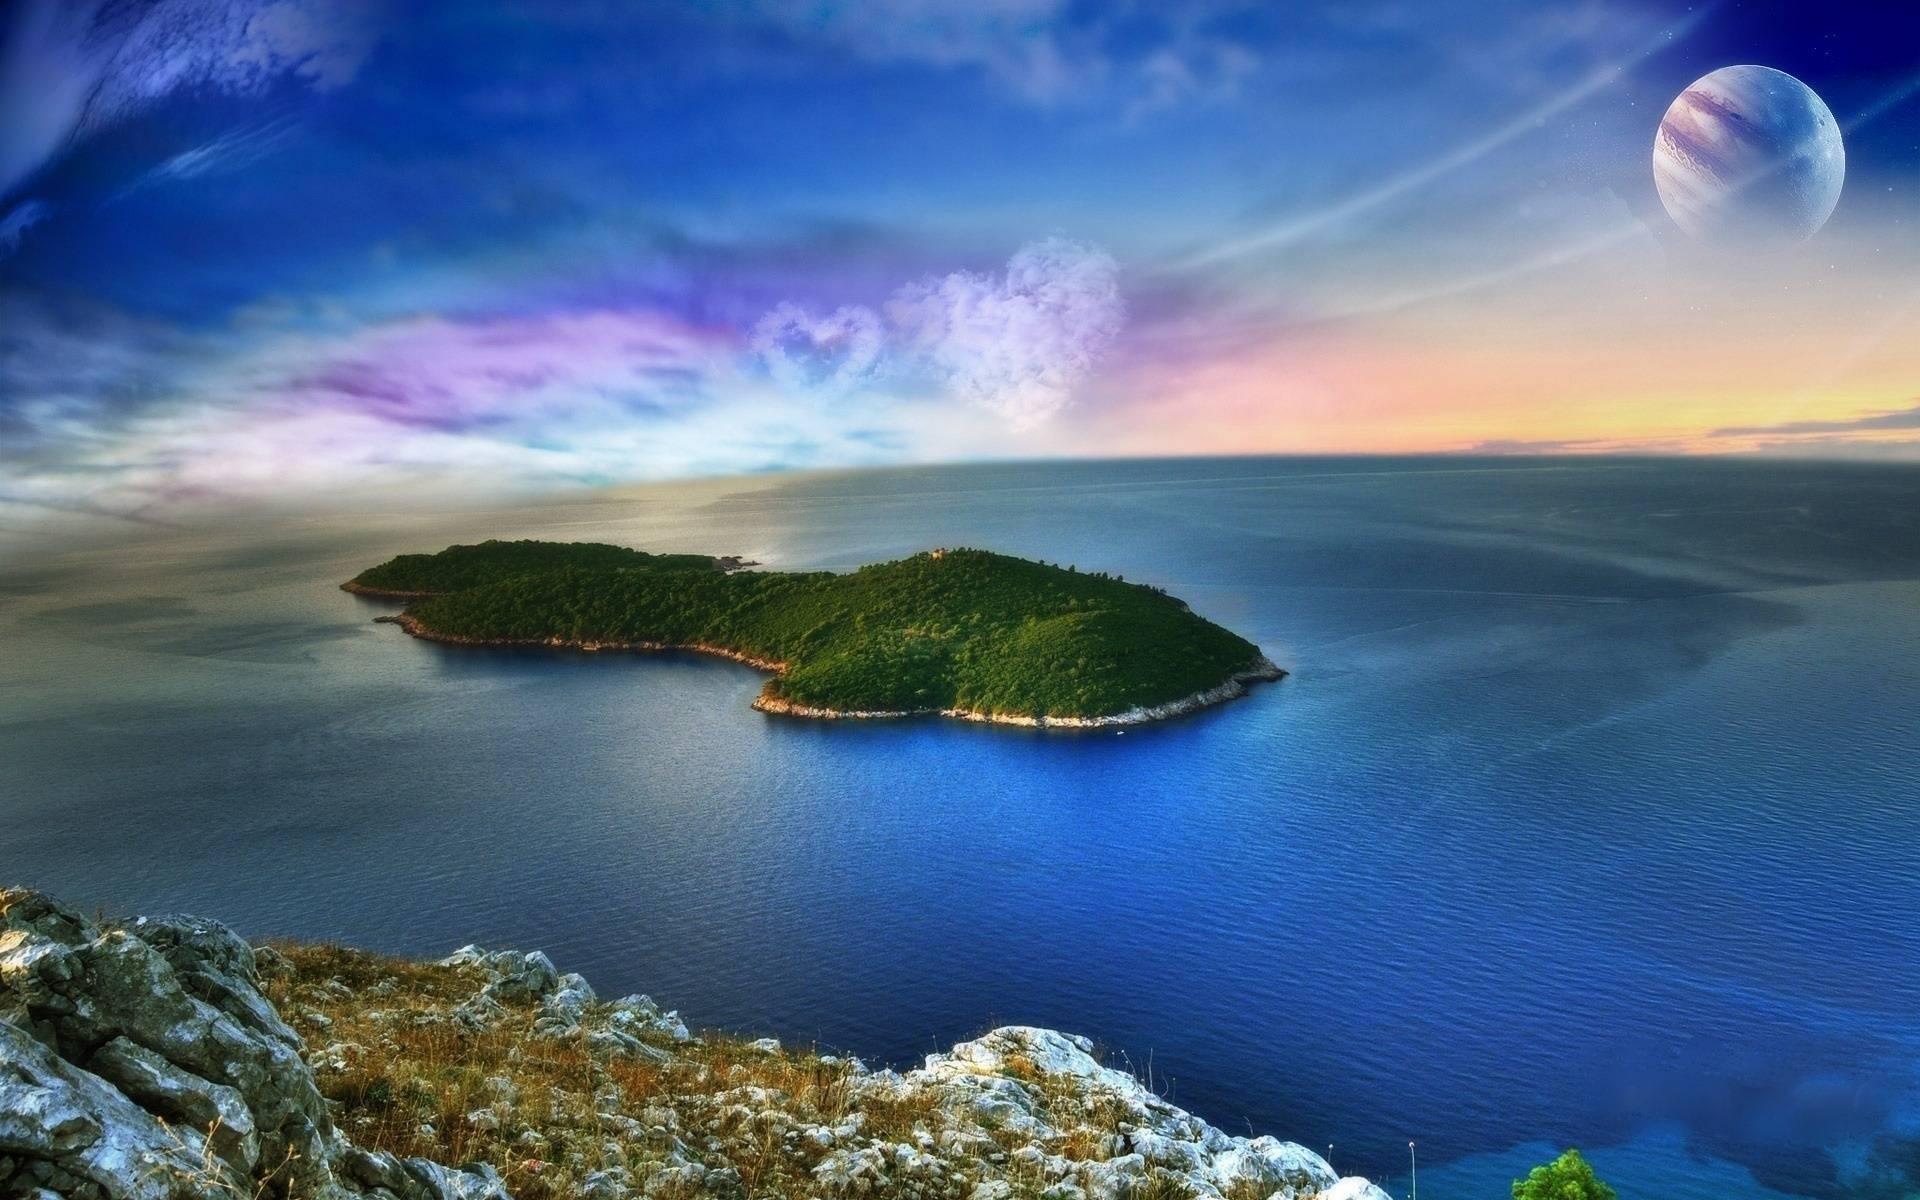 красивые картинки на рабочий стол природа на весь экран — Яндекс ... | 1200x1920